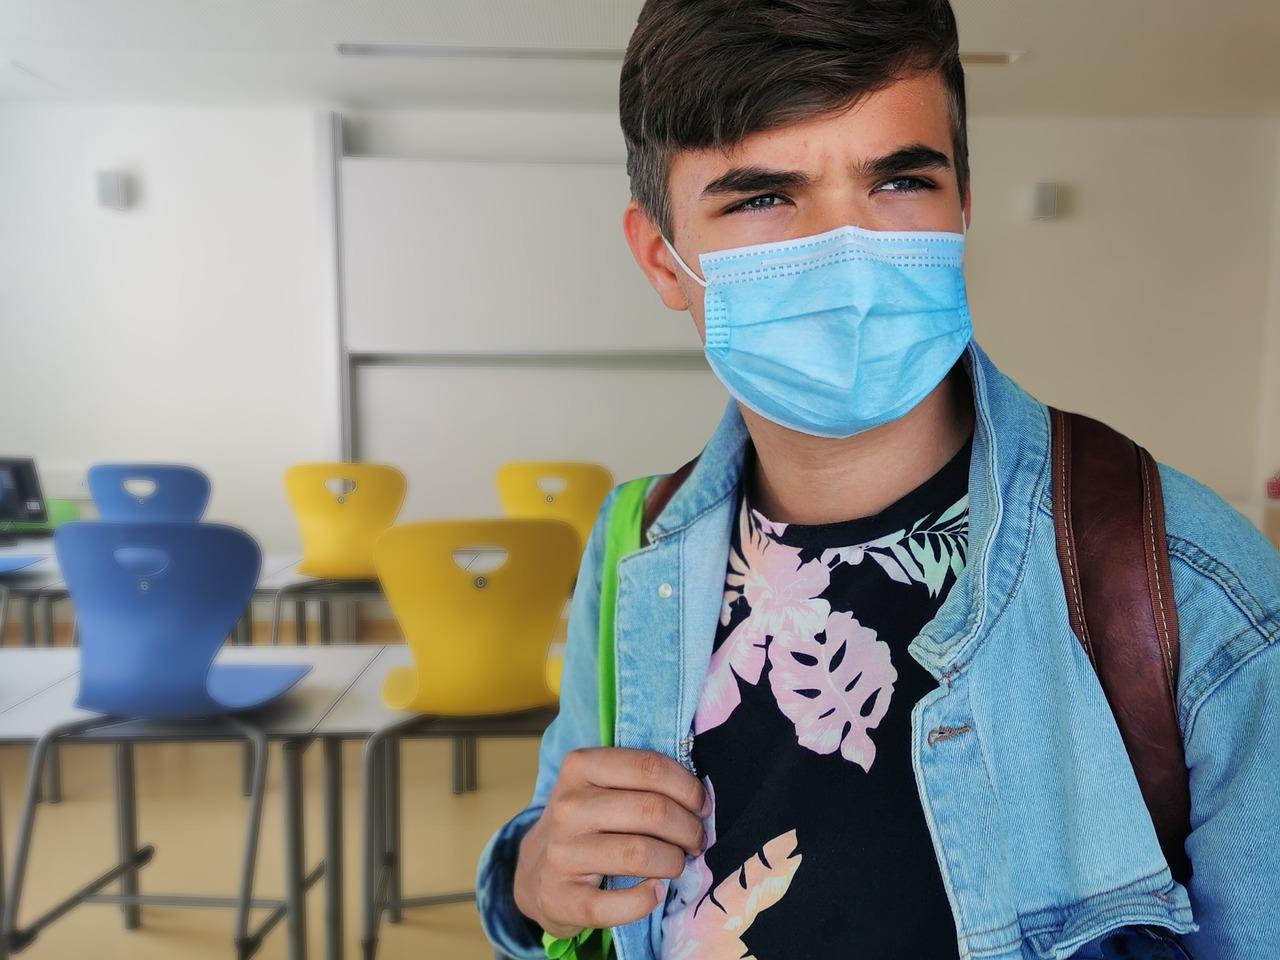 Koronawirus w czterech szkołach. Uczniowie idą na naukę zdalną! - Zdjęcie główne